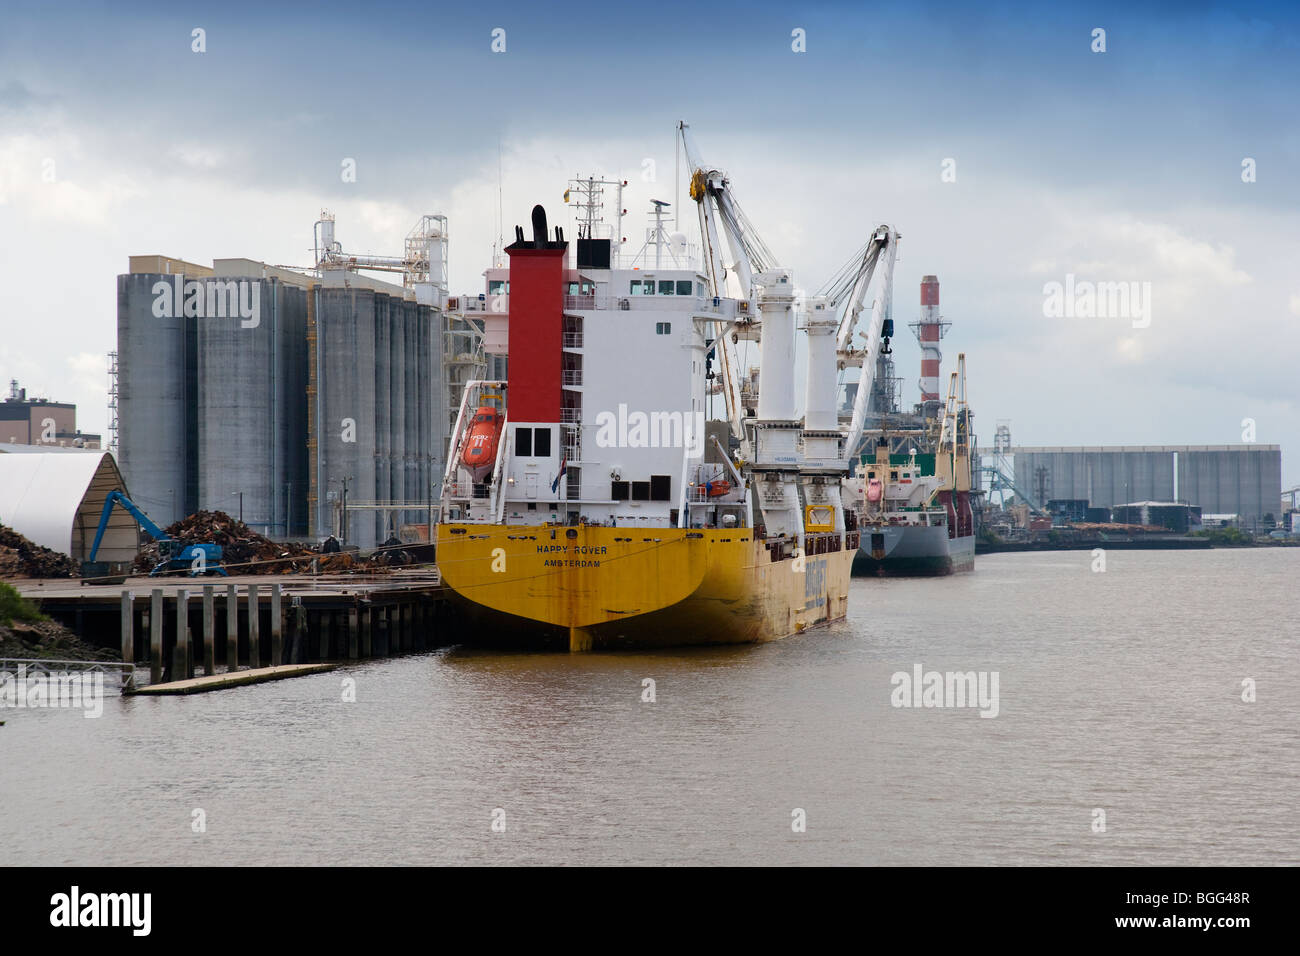 Le trafic de la rivière Savannah. Photo Stock